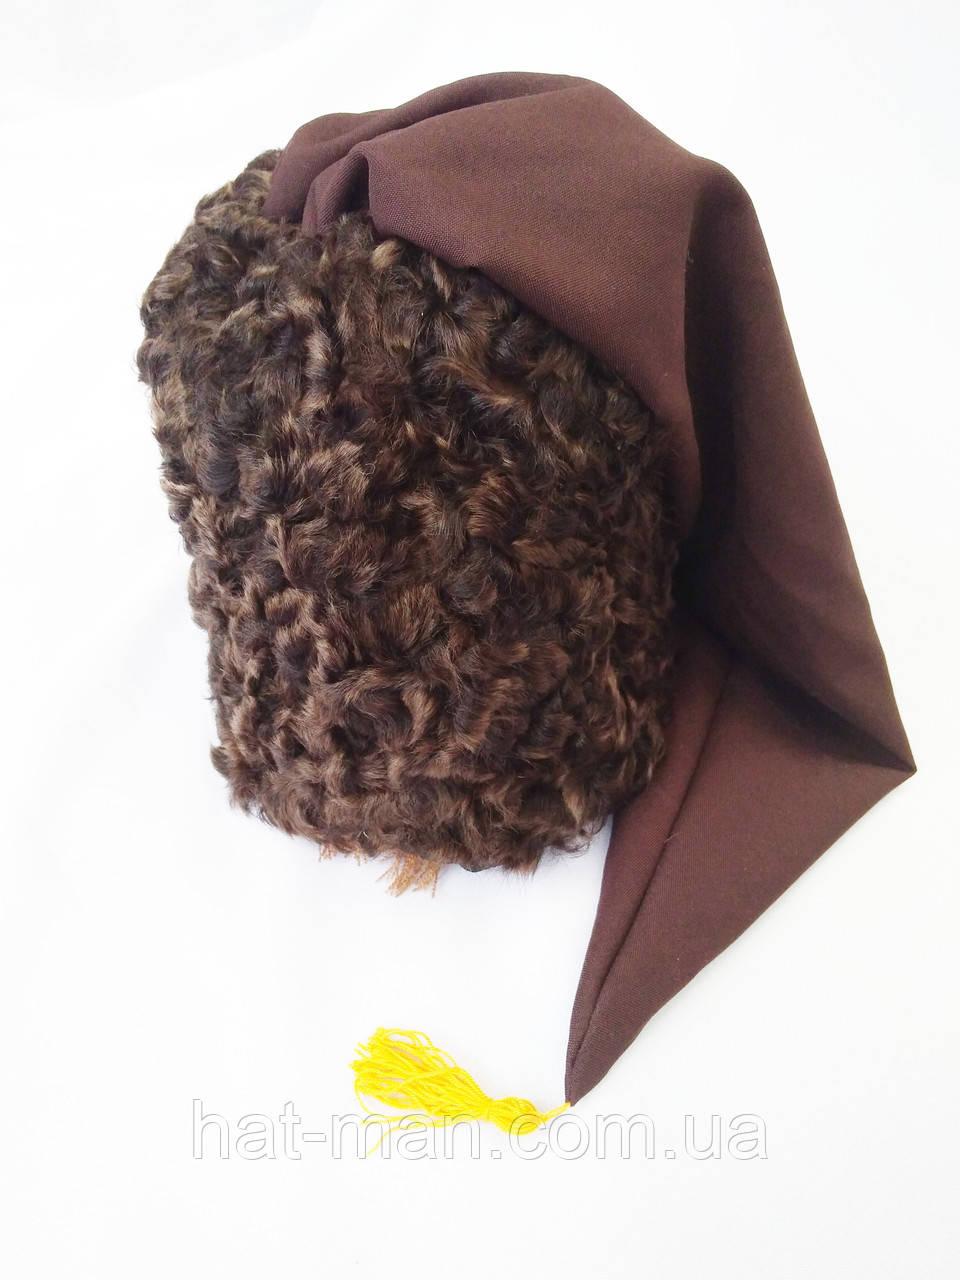 """Козацька шапка з фільму """"Пропала грамота"""" (коричневий каракуль і коричневий шлик)"""